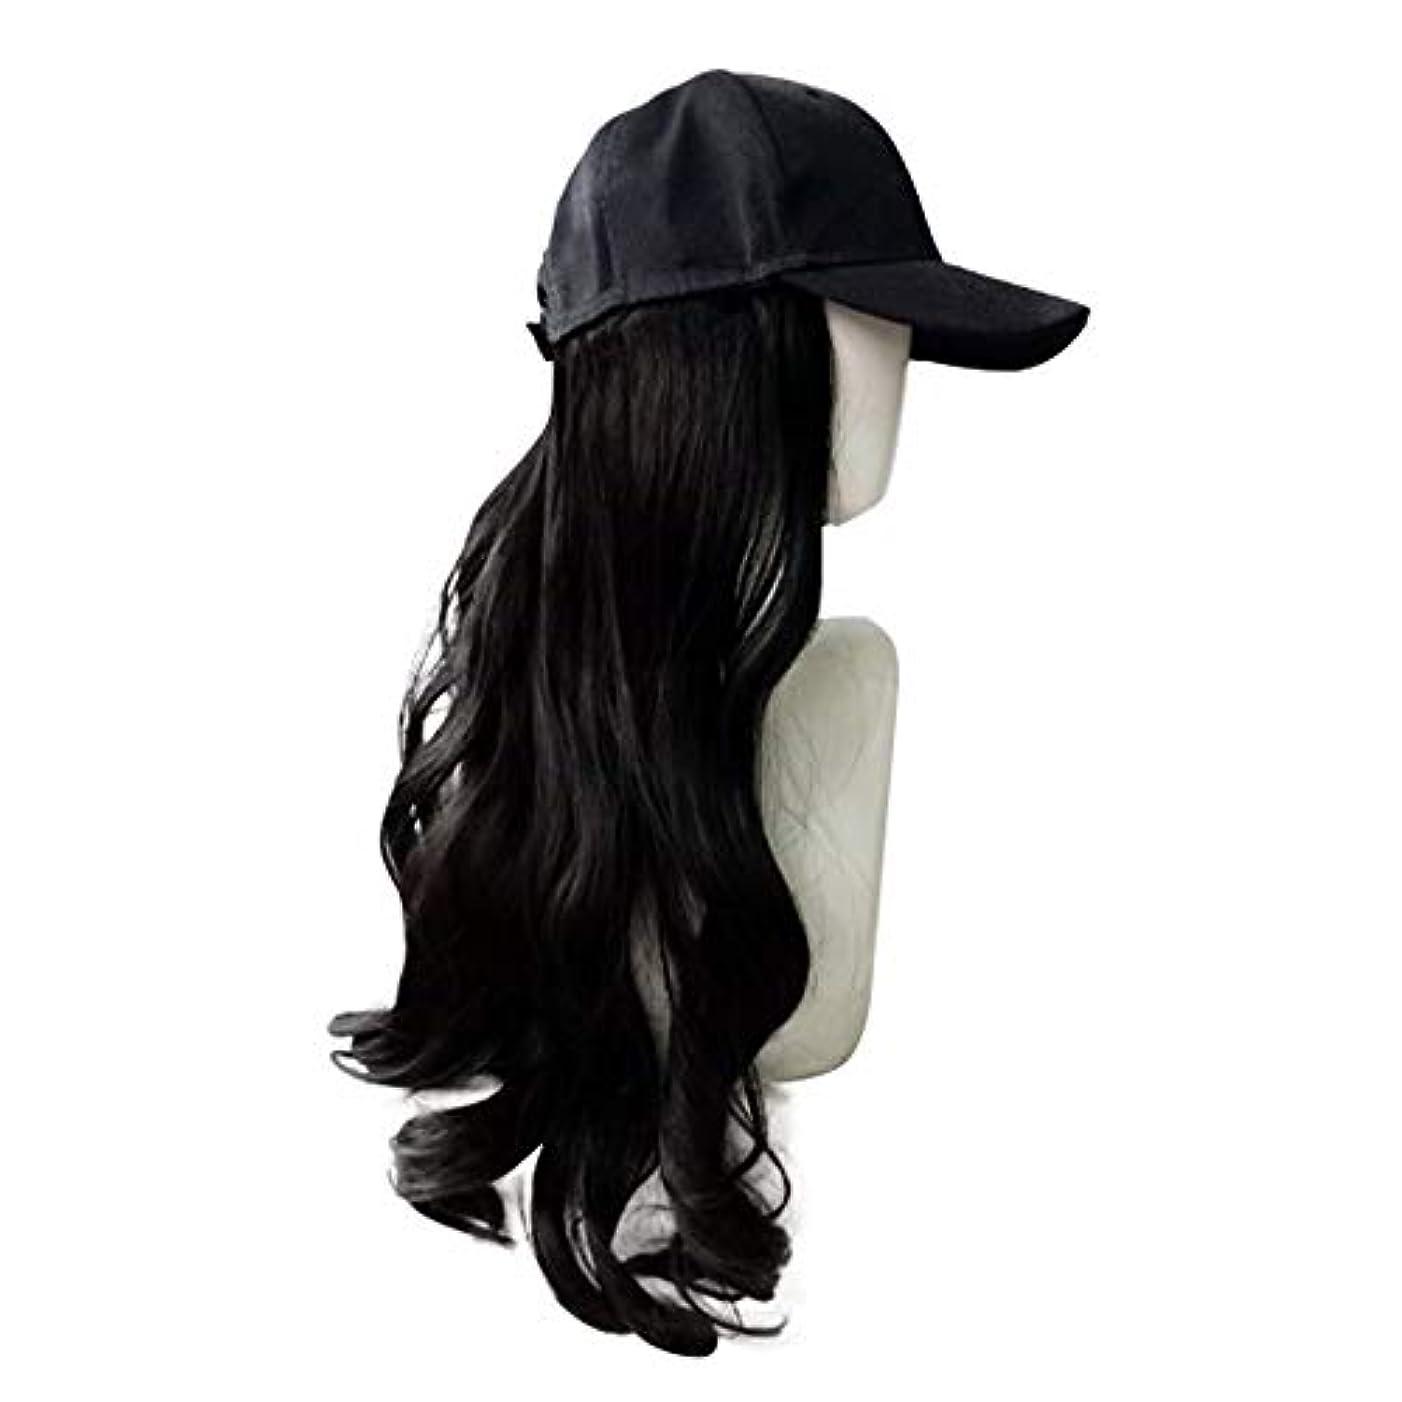 前進観光真剣に長い黒のかつら、帽子かつらシンプルなかつらファッションかつらキャップ自然なかつら女性の耐熱性のための長い波状の合成かつら